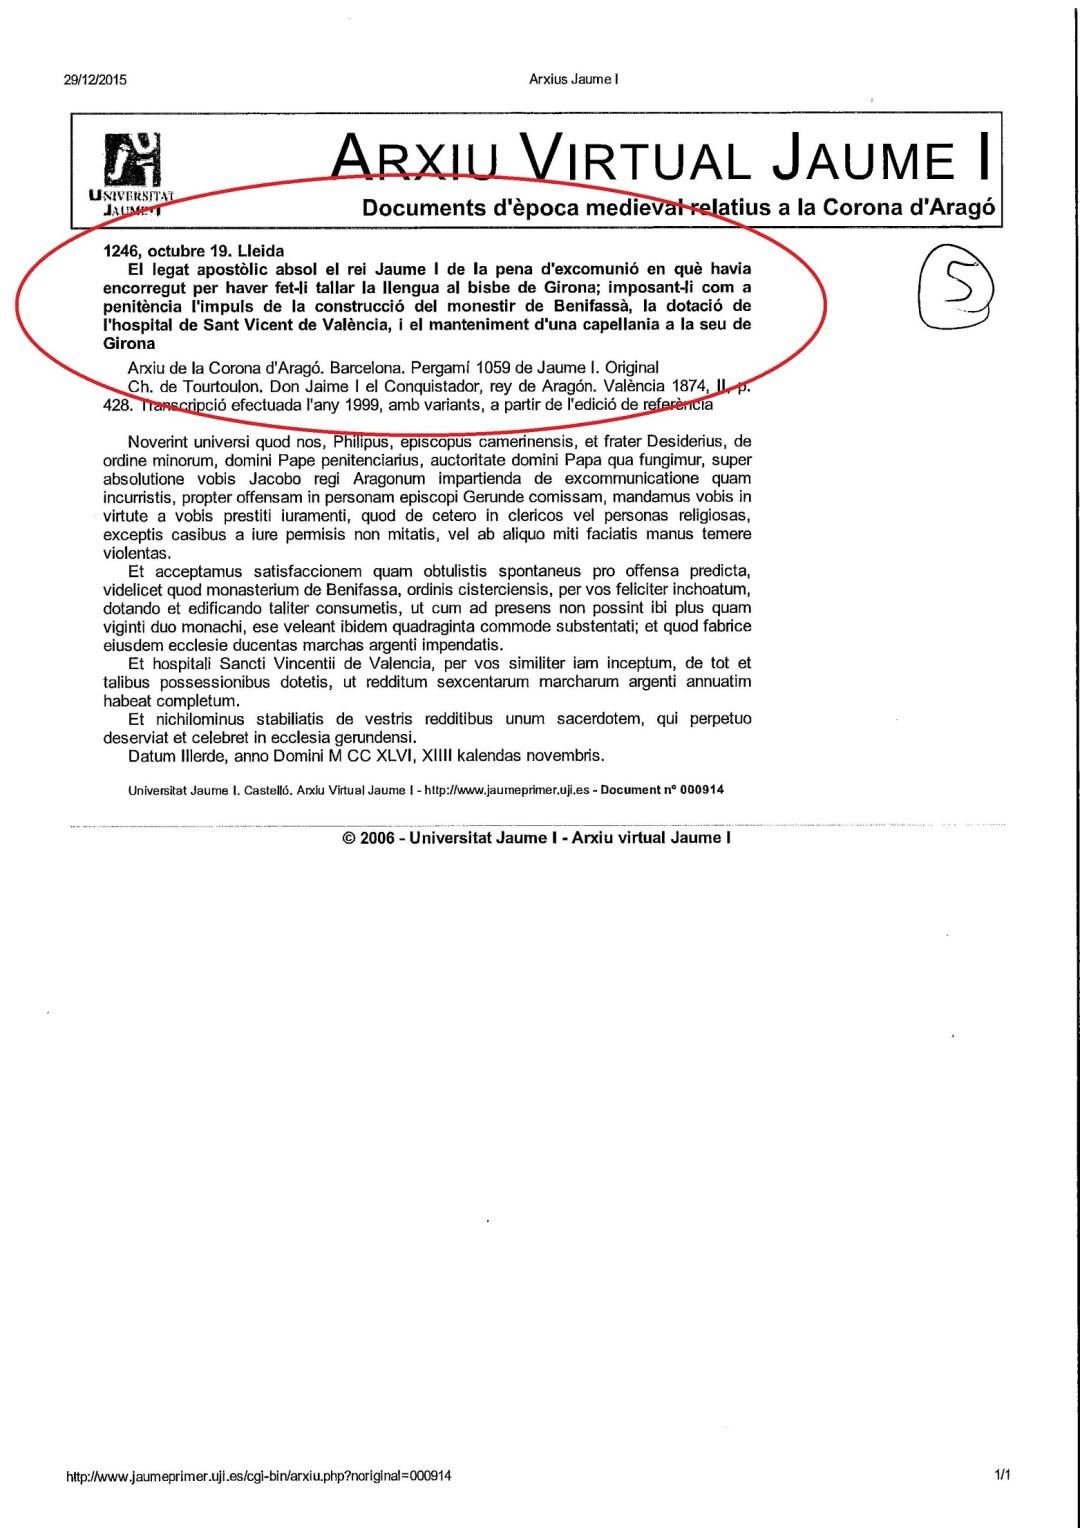 Fuente: Archivo en propiedad de la Universidad Jaume I de Castellón.